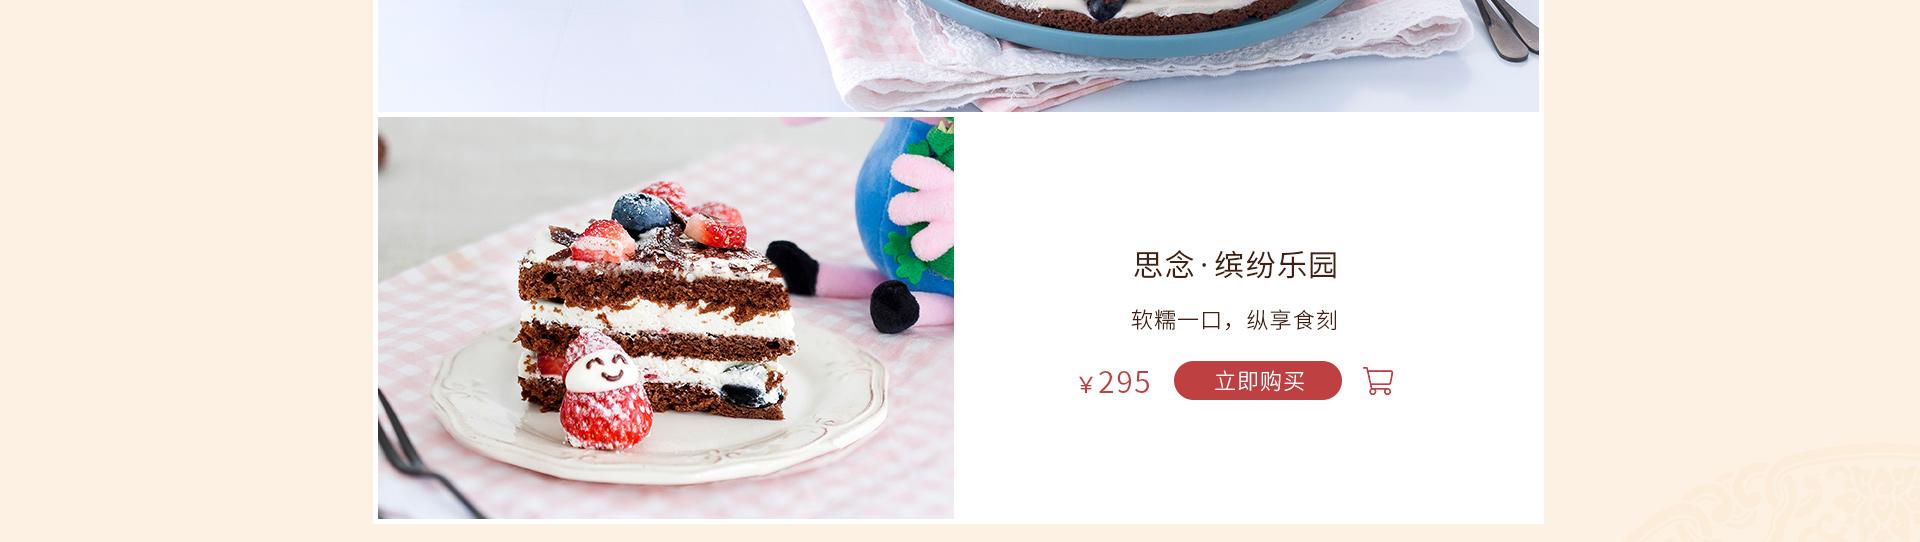 思念|缤纷乐园蛋糕 订购